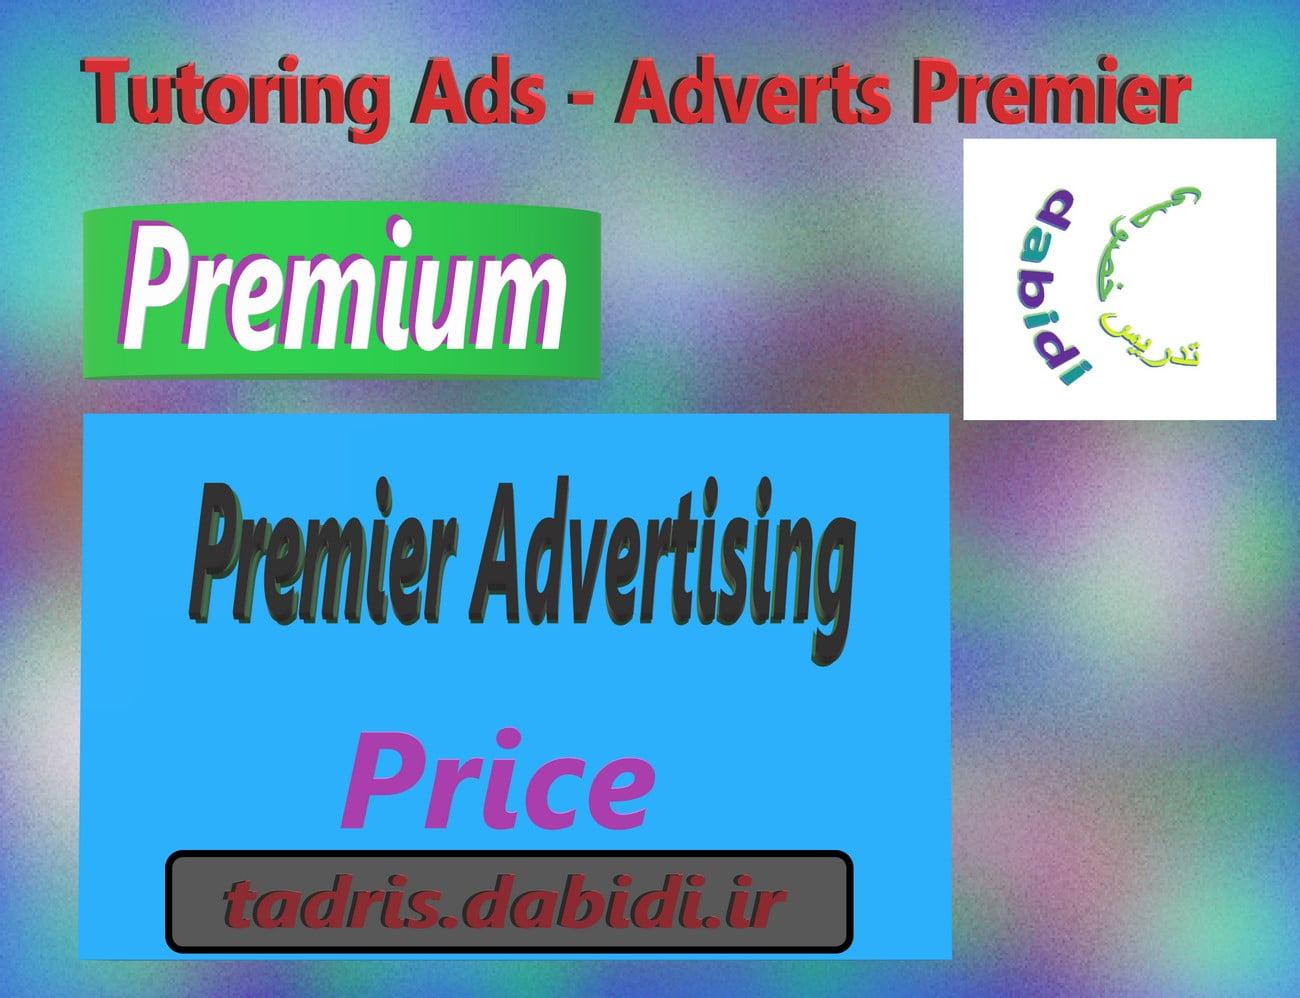 Advertising premium